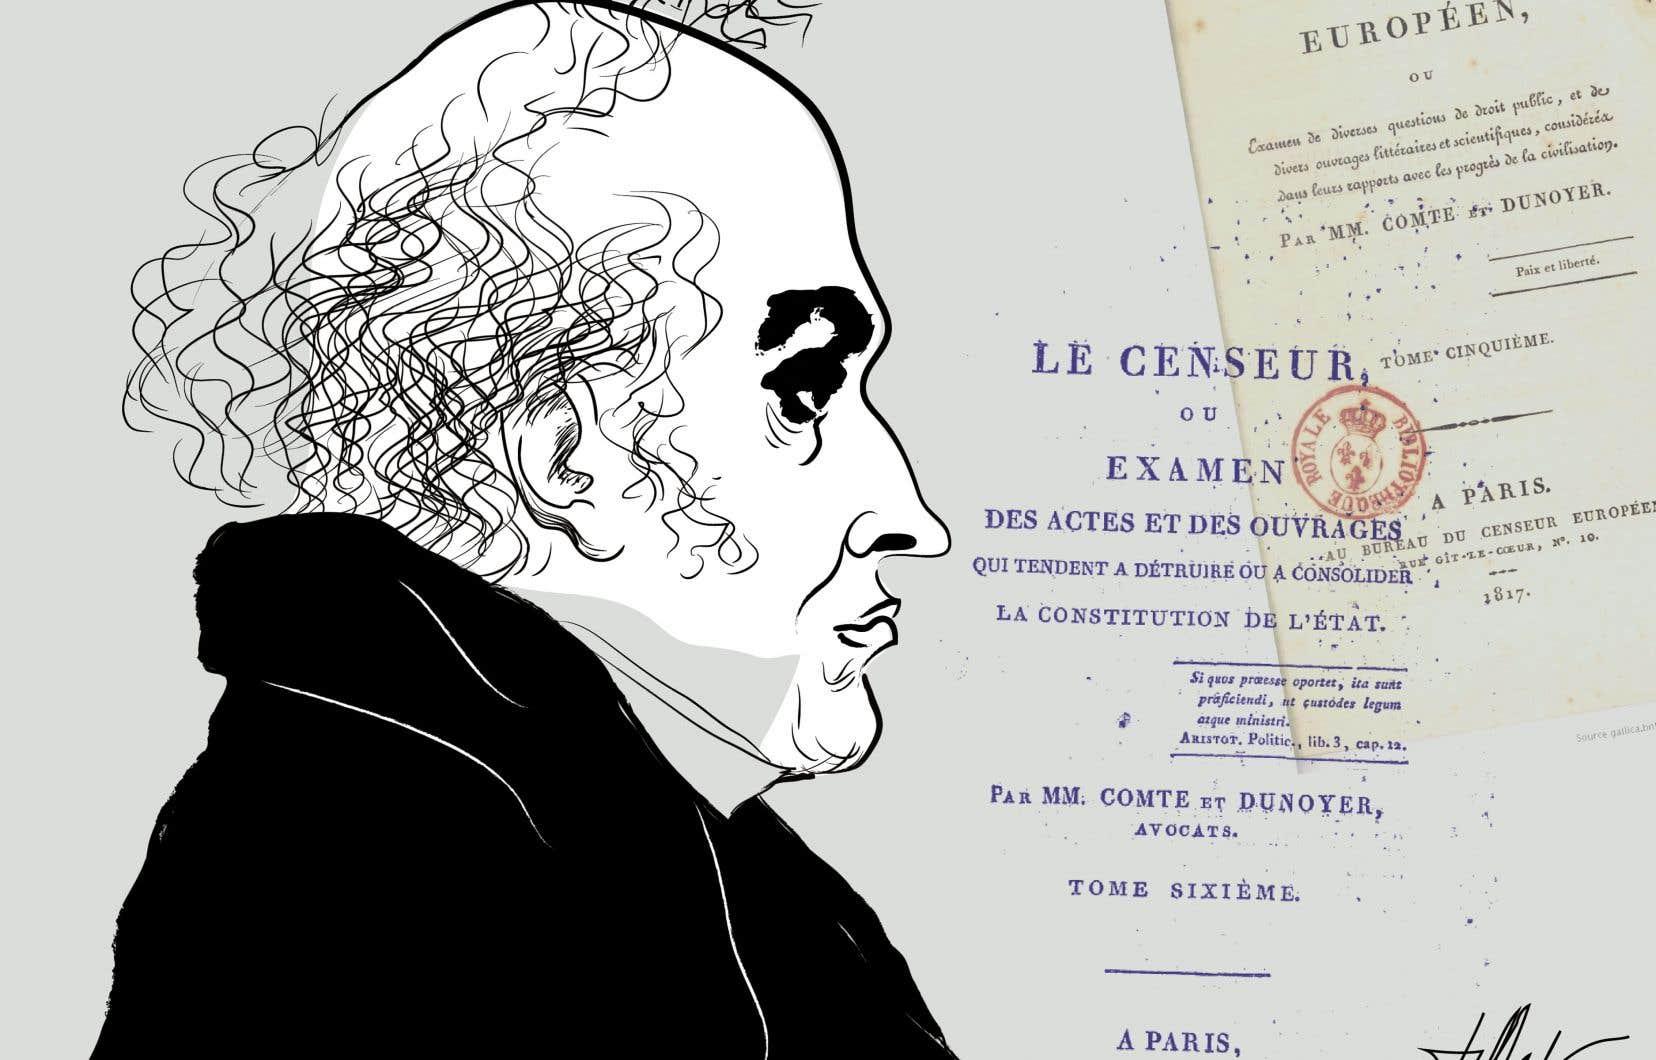 Dans un article paru en juillet 1814, Charles Comte explique pourquoi l'indépendance de la presse s'avère nécessaire pour éviter que les institutions représentatives glissent à la longue dans le despotisme.